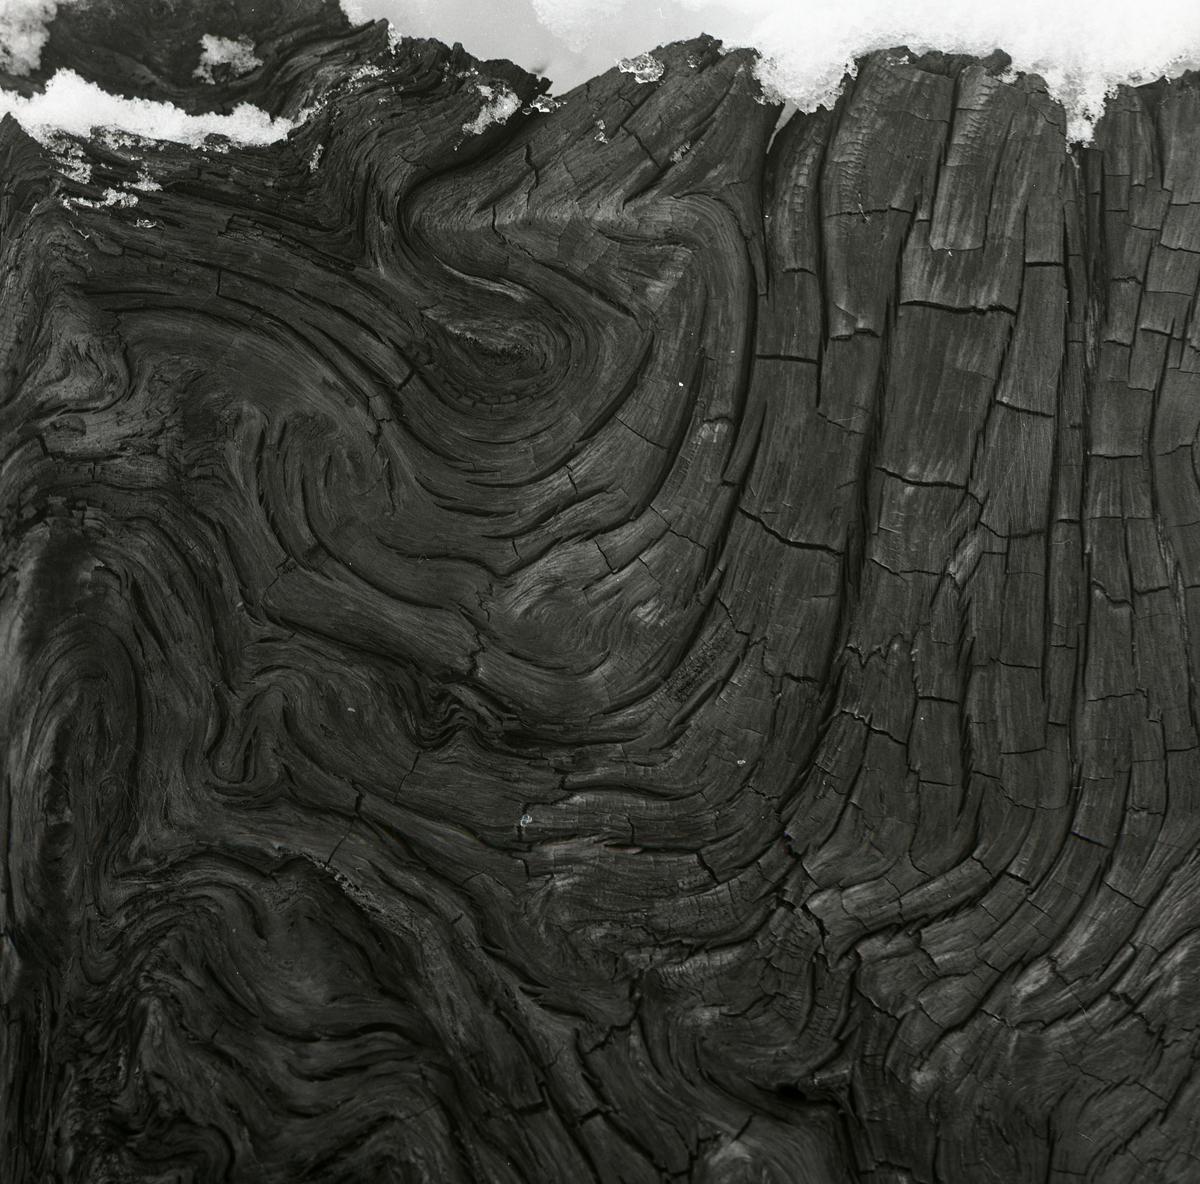 En förkolnad stubbe med böljande mönster efter en hyggesbrand i Transtrand, 1964.